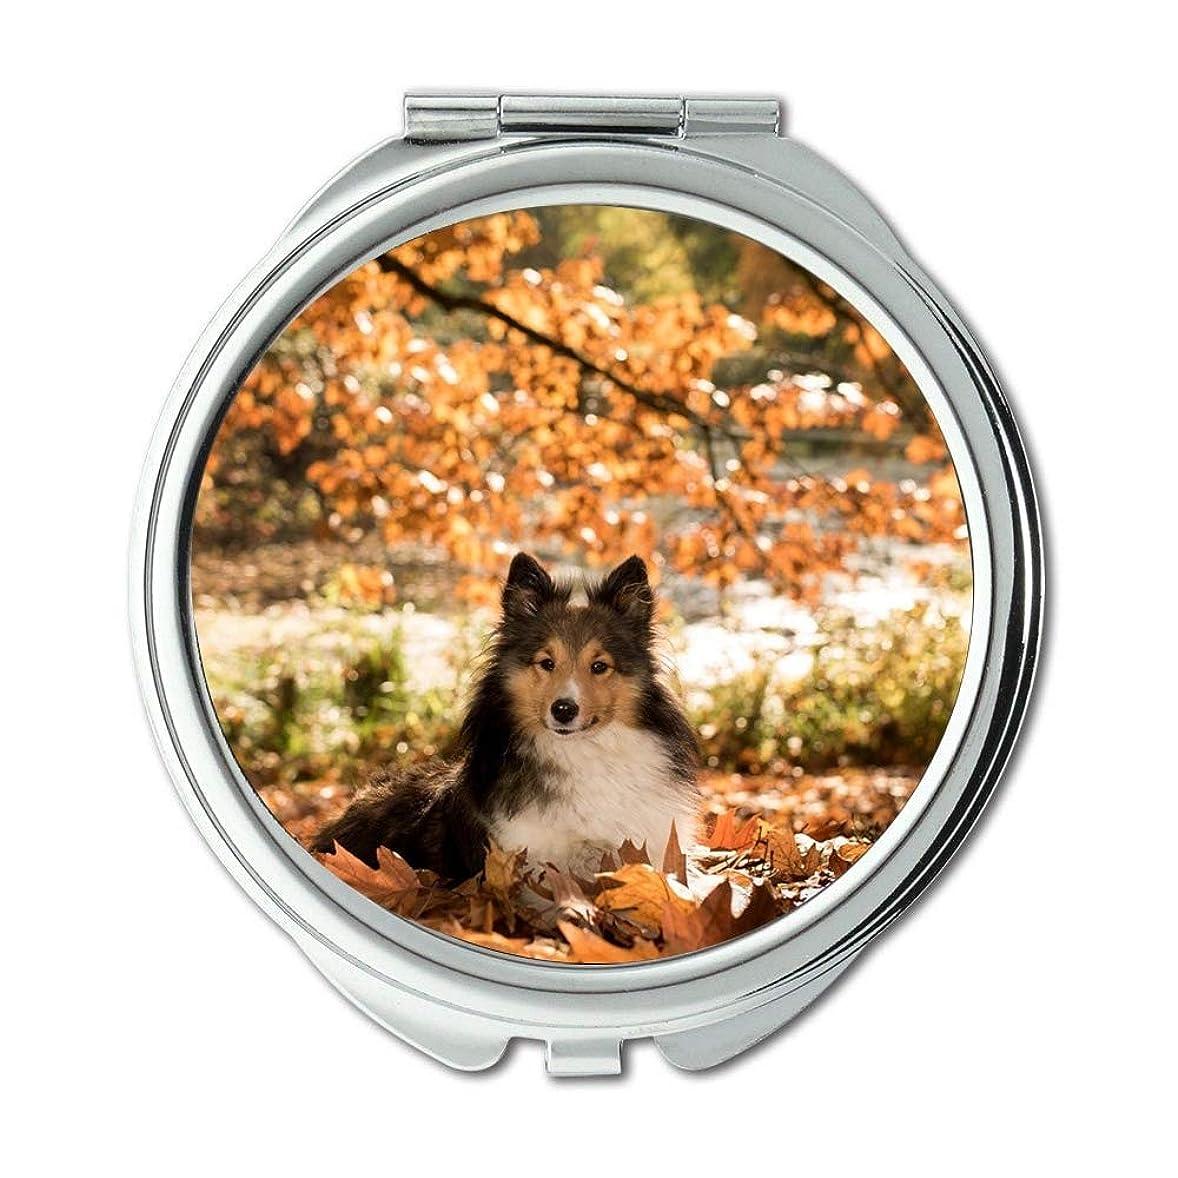 ダンス友情推定するミラー、メークアップミラー、犬シェルティー秋の樹木、ポケットミラー、携帯用ミラー